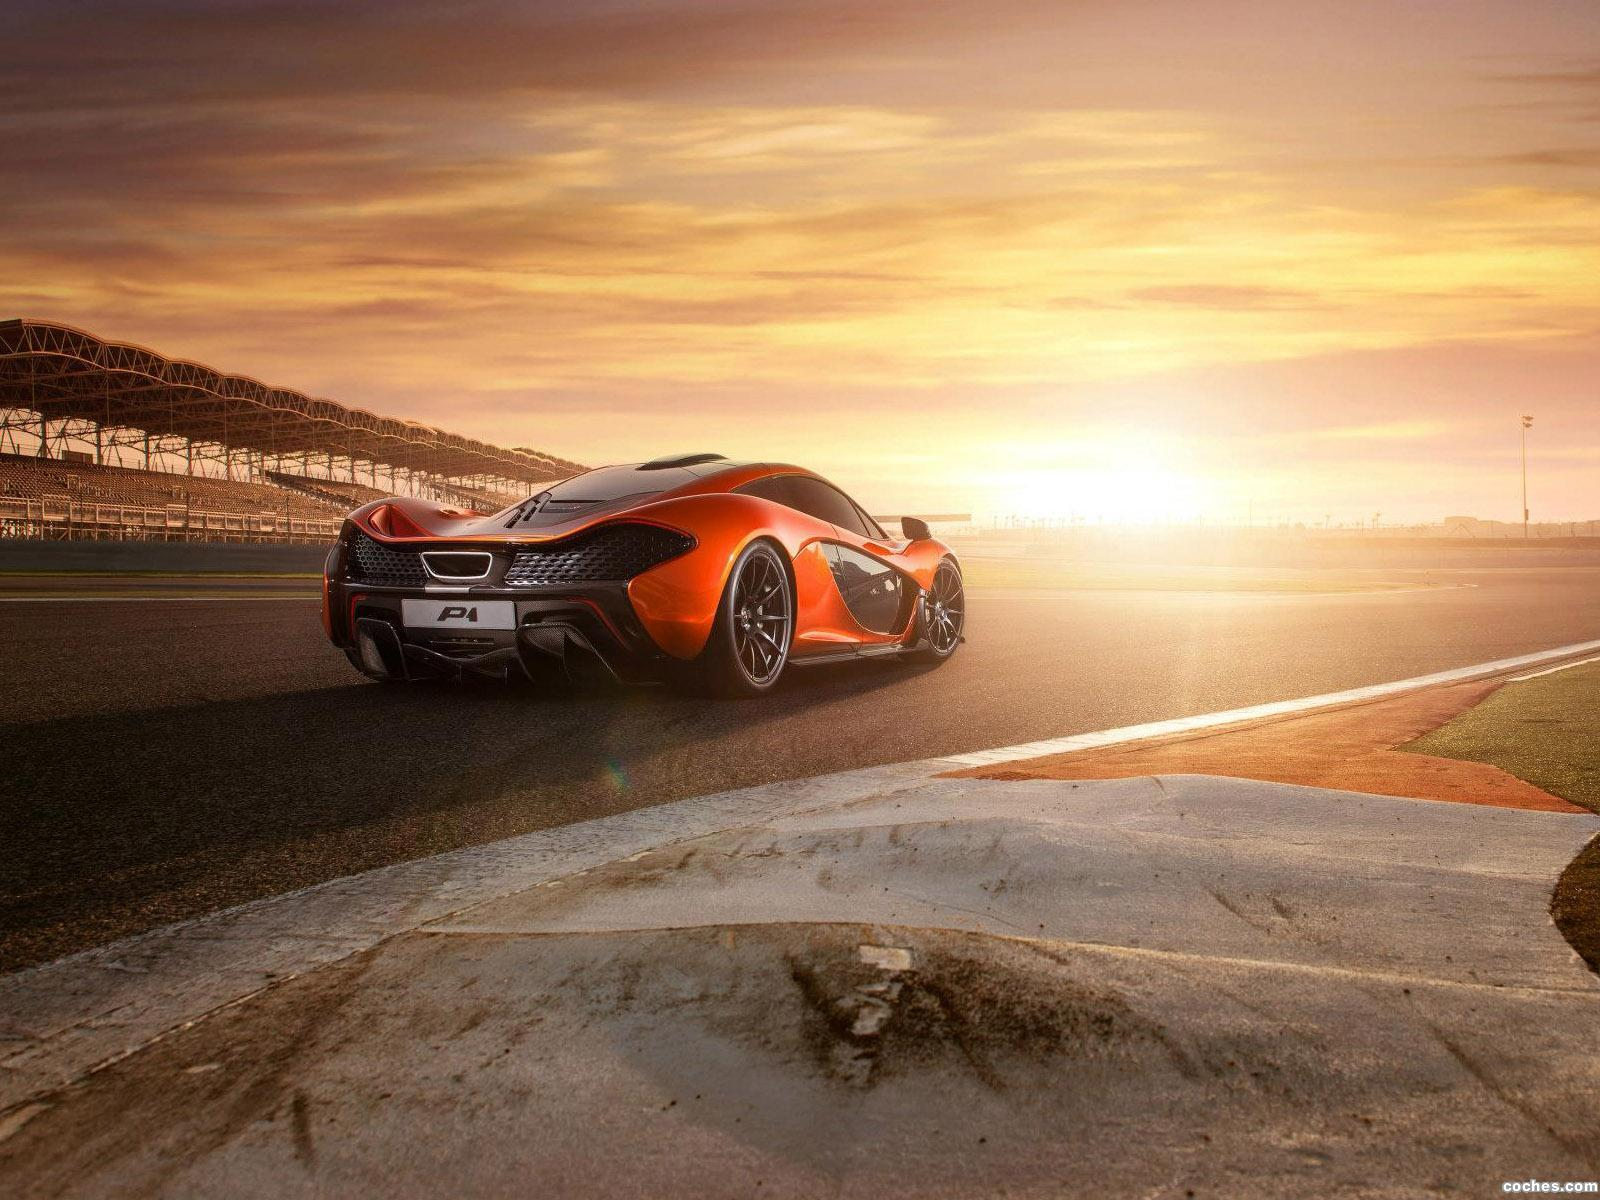 Foto 24 de McLaren P1 2013